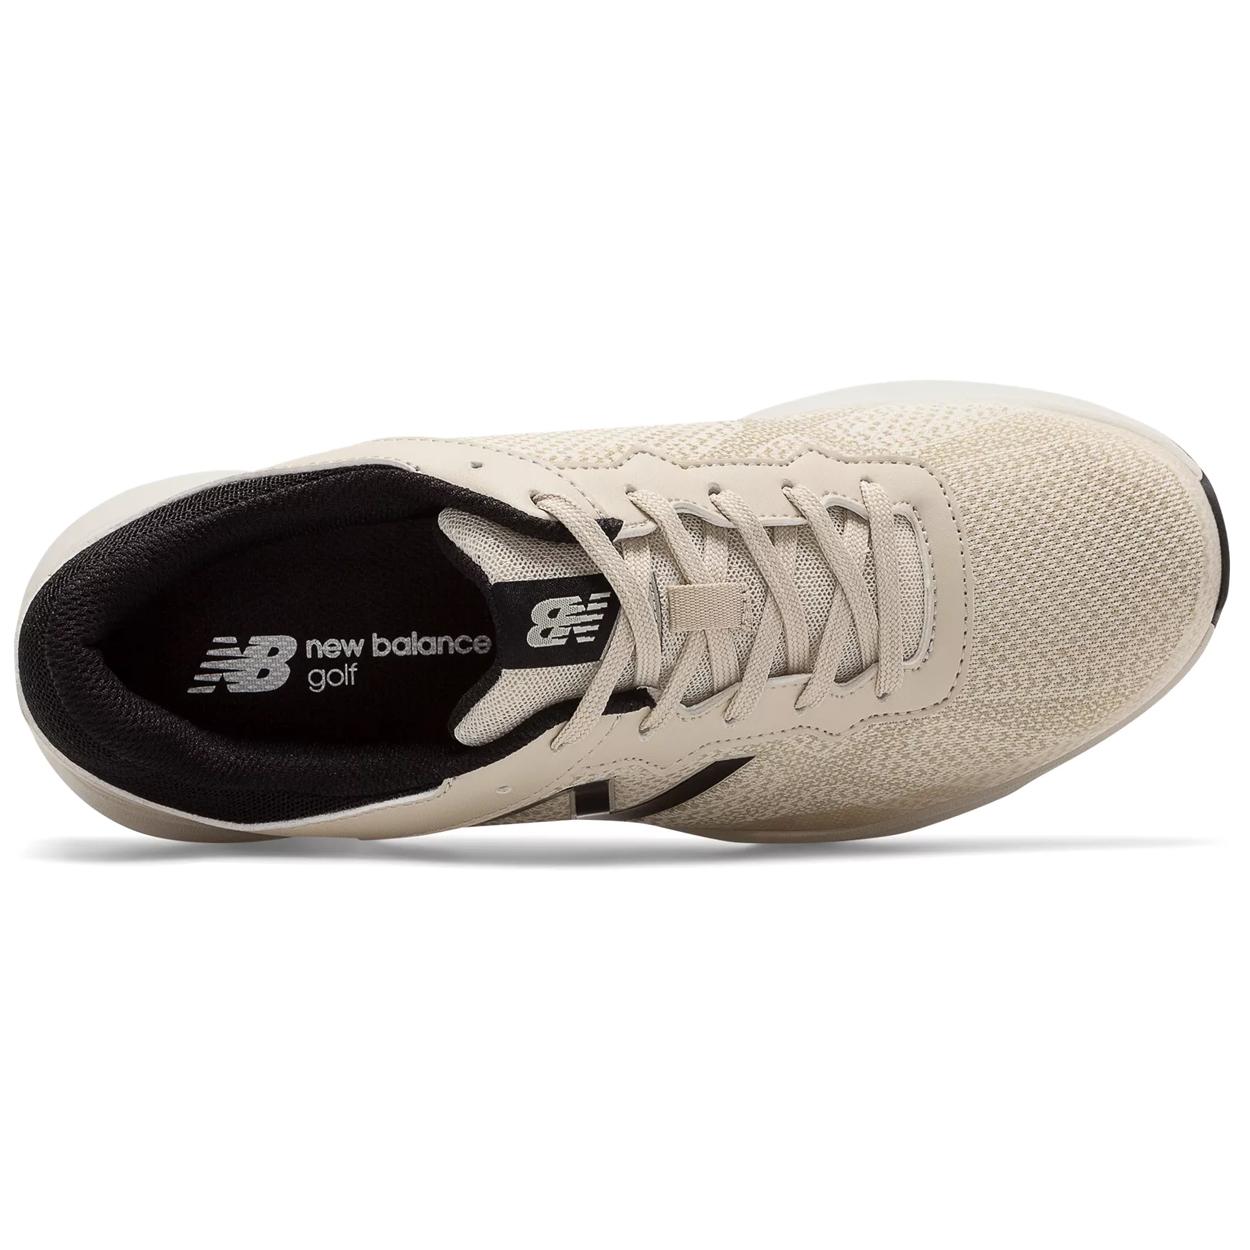 New-Balance-Breeze-NBG1801SL-Men-039-s-Spikeless-Mesh-Golf-Shoe-New thumbnail 10